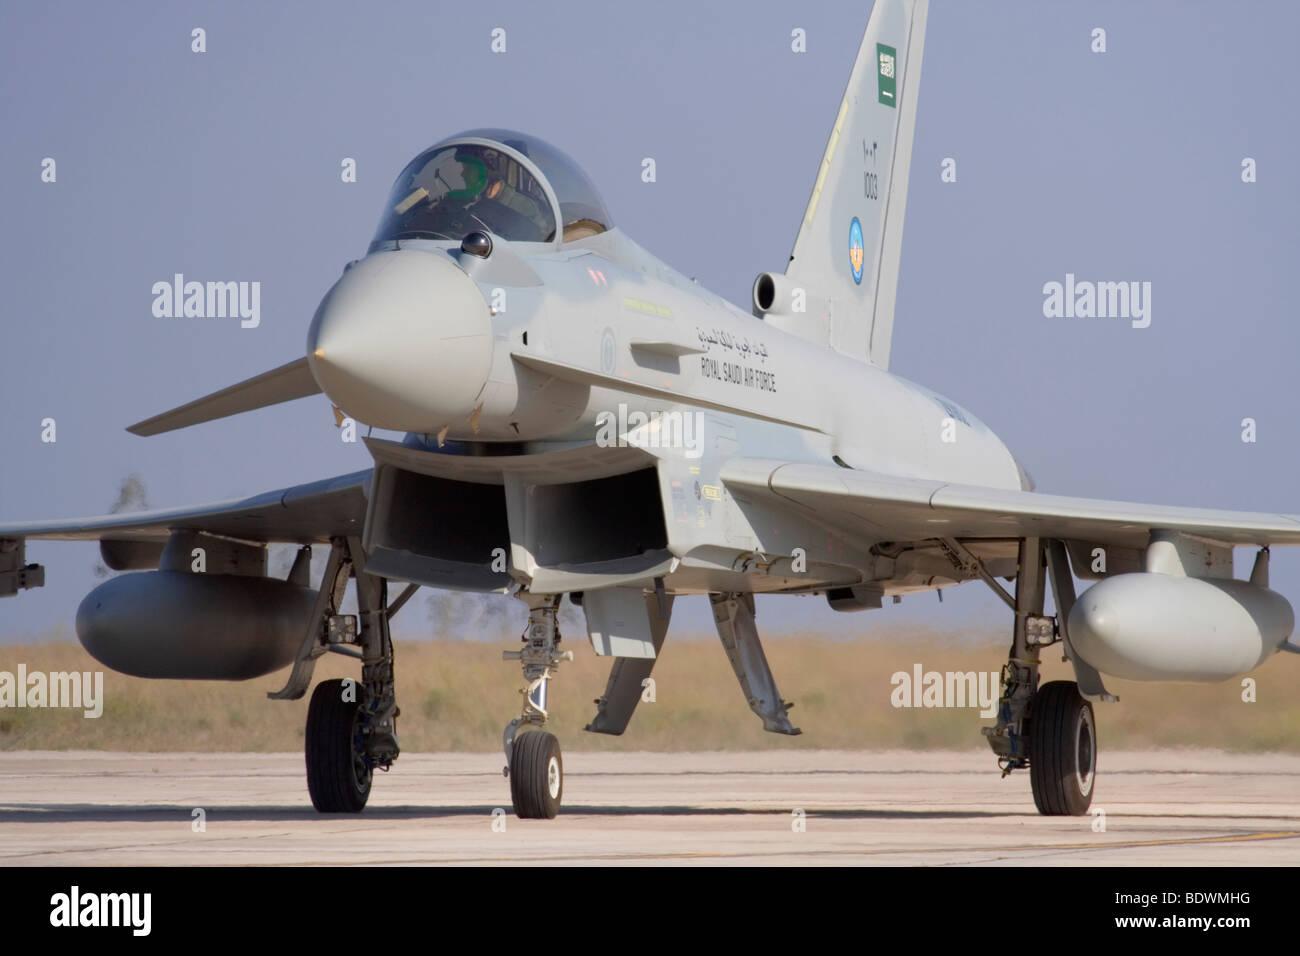 La tecnologia avanzata in modern warfare. Royal Saudi Air Force Eurofighter Typhoon jet da combattimento aereo Immagini Stock